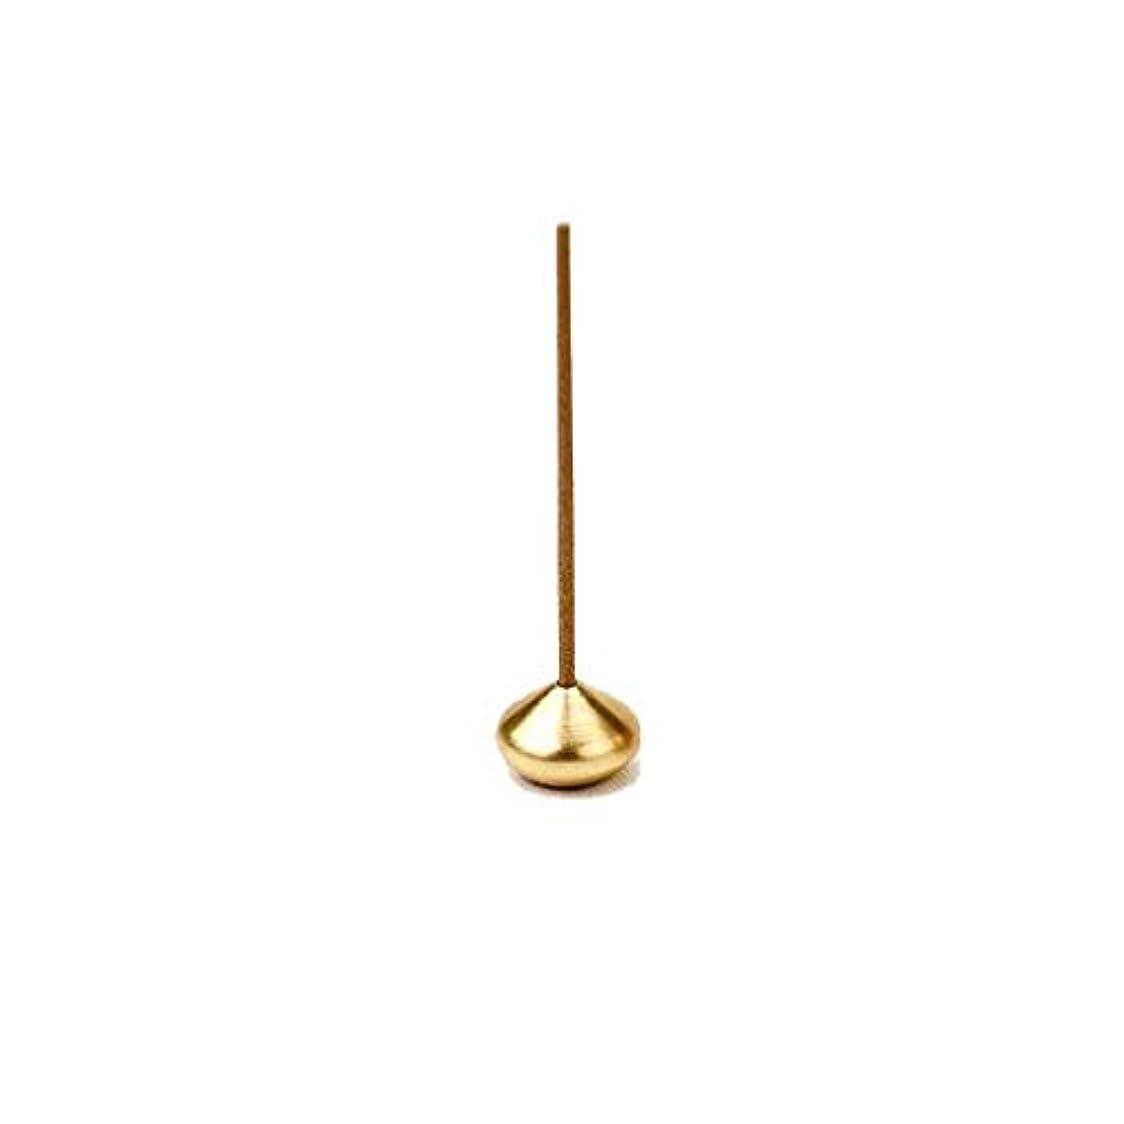 散文信じられない明確な銅香炉ラウンドひょうたん型香スティックコイルボトルバーナーホルダー多孔性香ホルダーホームフレグランス (Color : B)